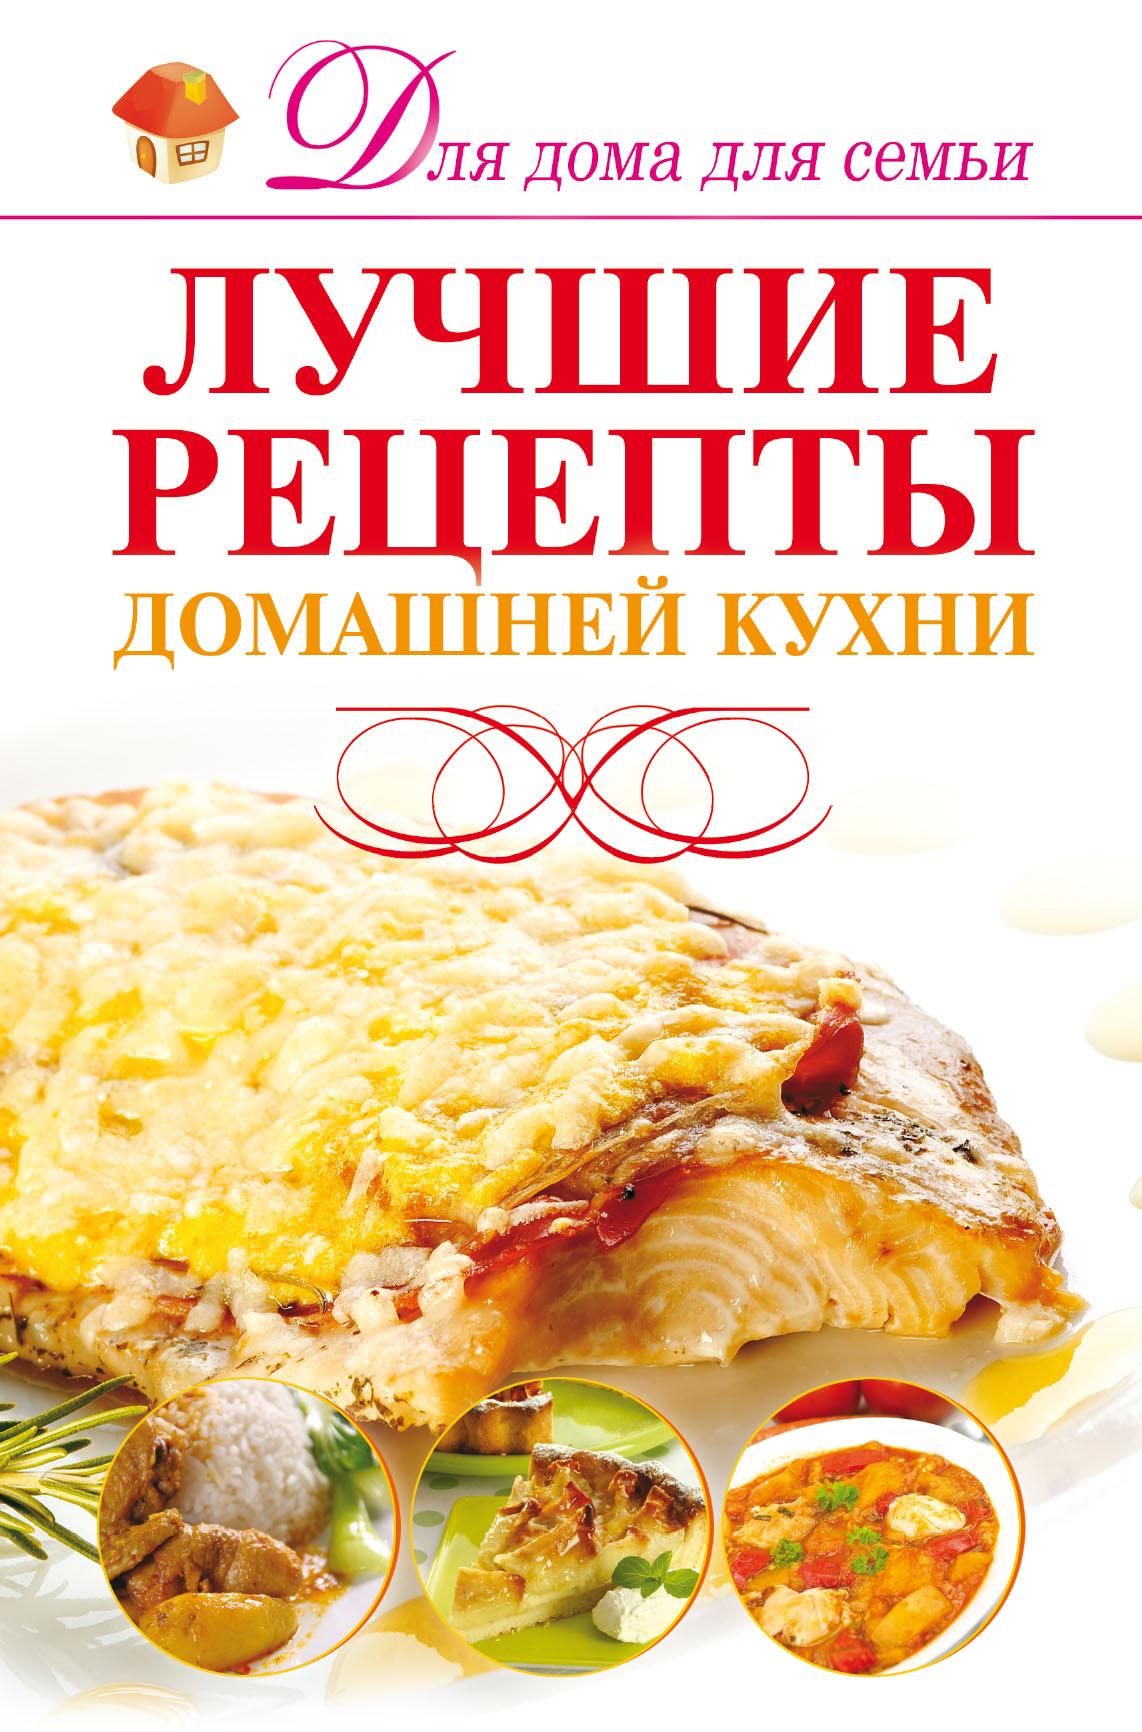 Игорь Резько Лучшие рецепты домашней кухни игорь резько лучшие рецепты домашней кухни